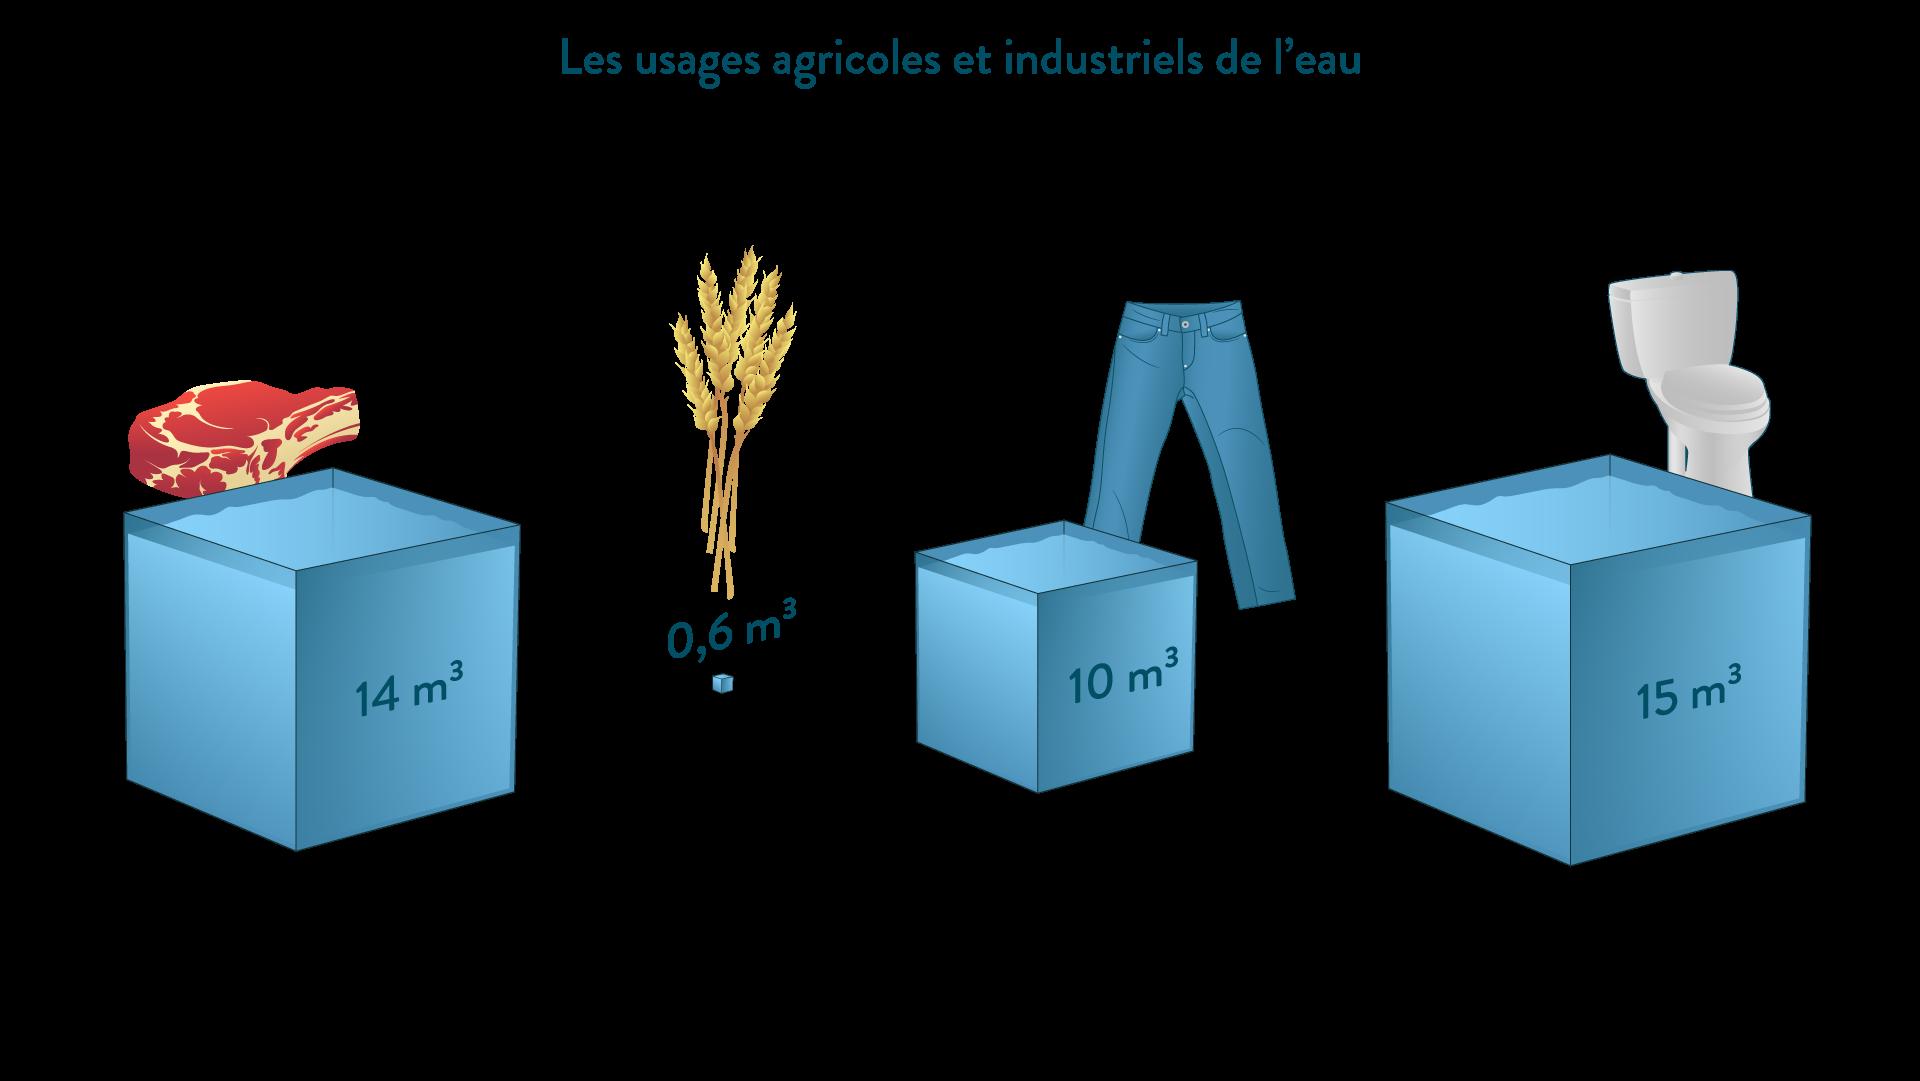 Les usages agricoles et industriels de l'eau